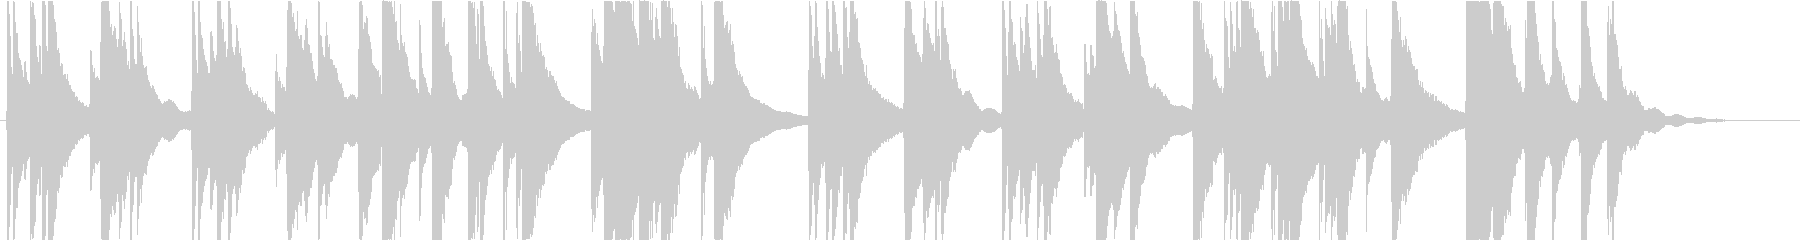 アコースティックギターソロBGMの未再生の波形